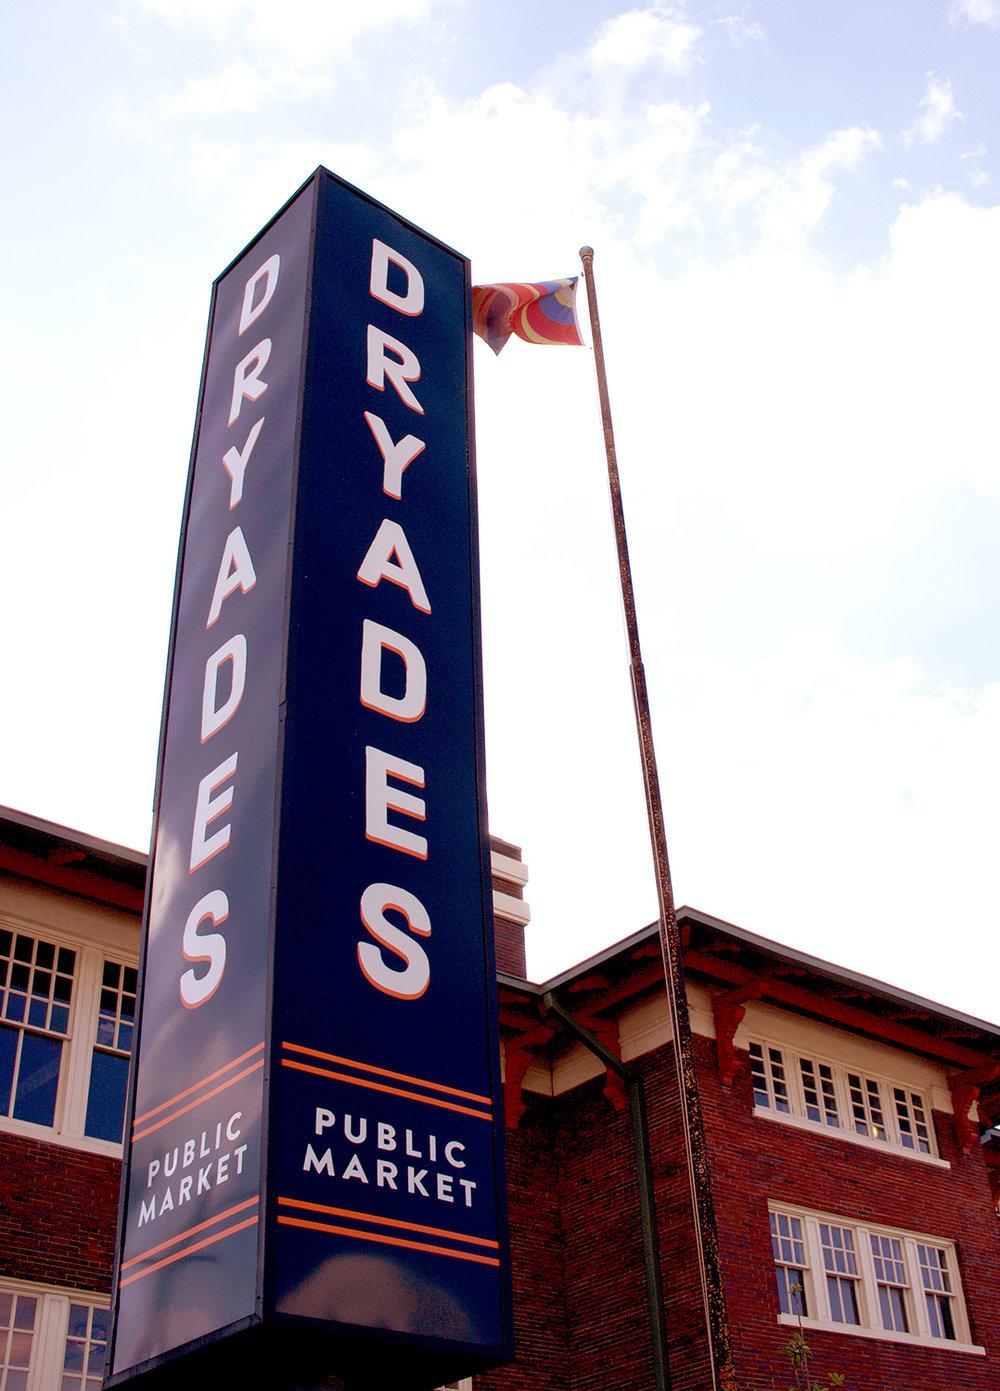 Dryades Market